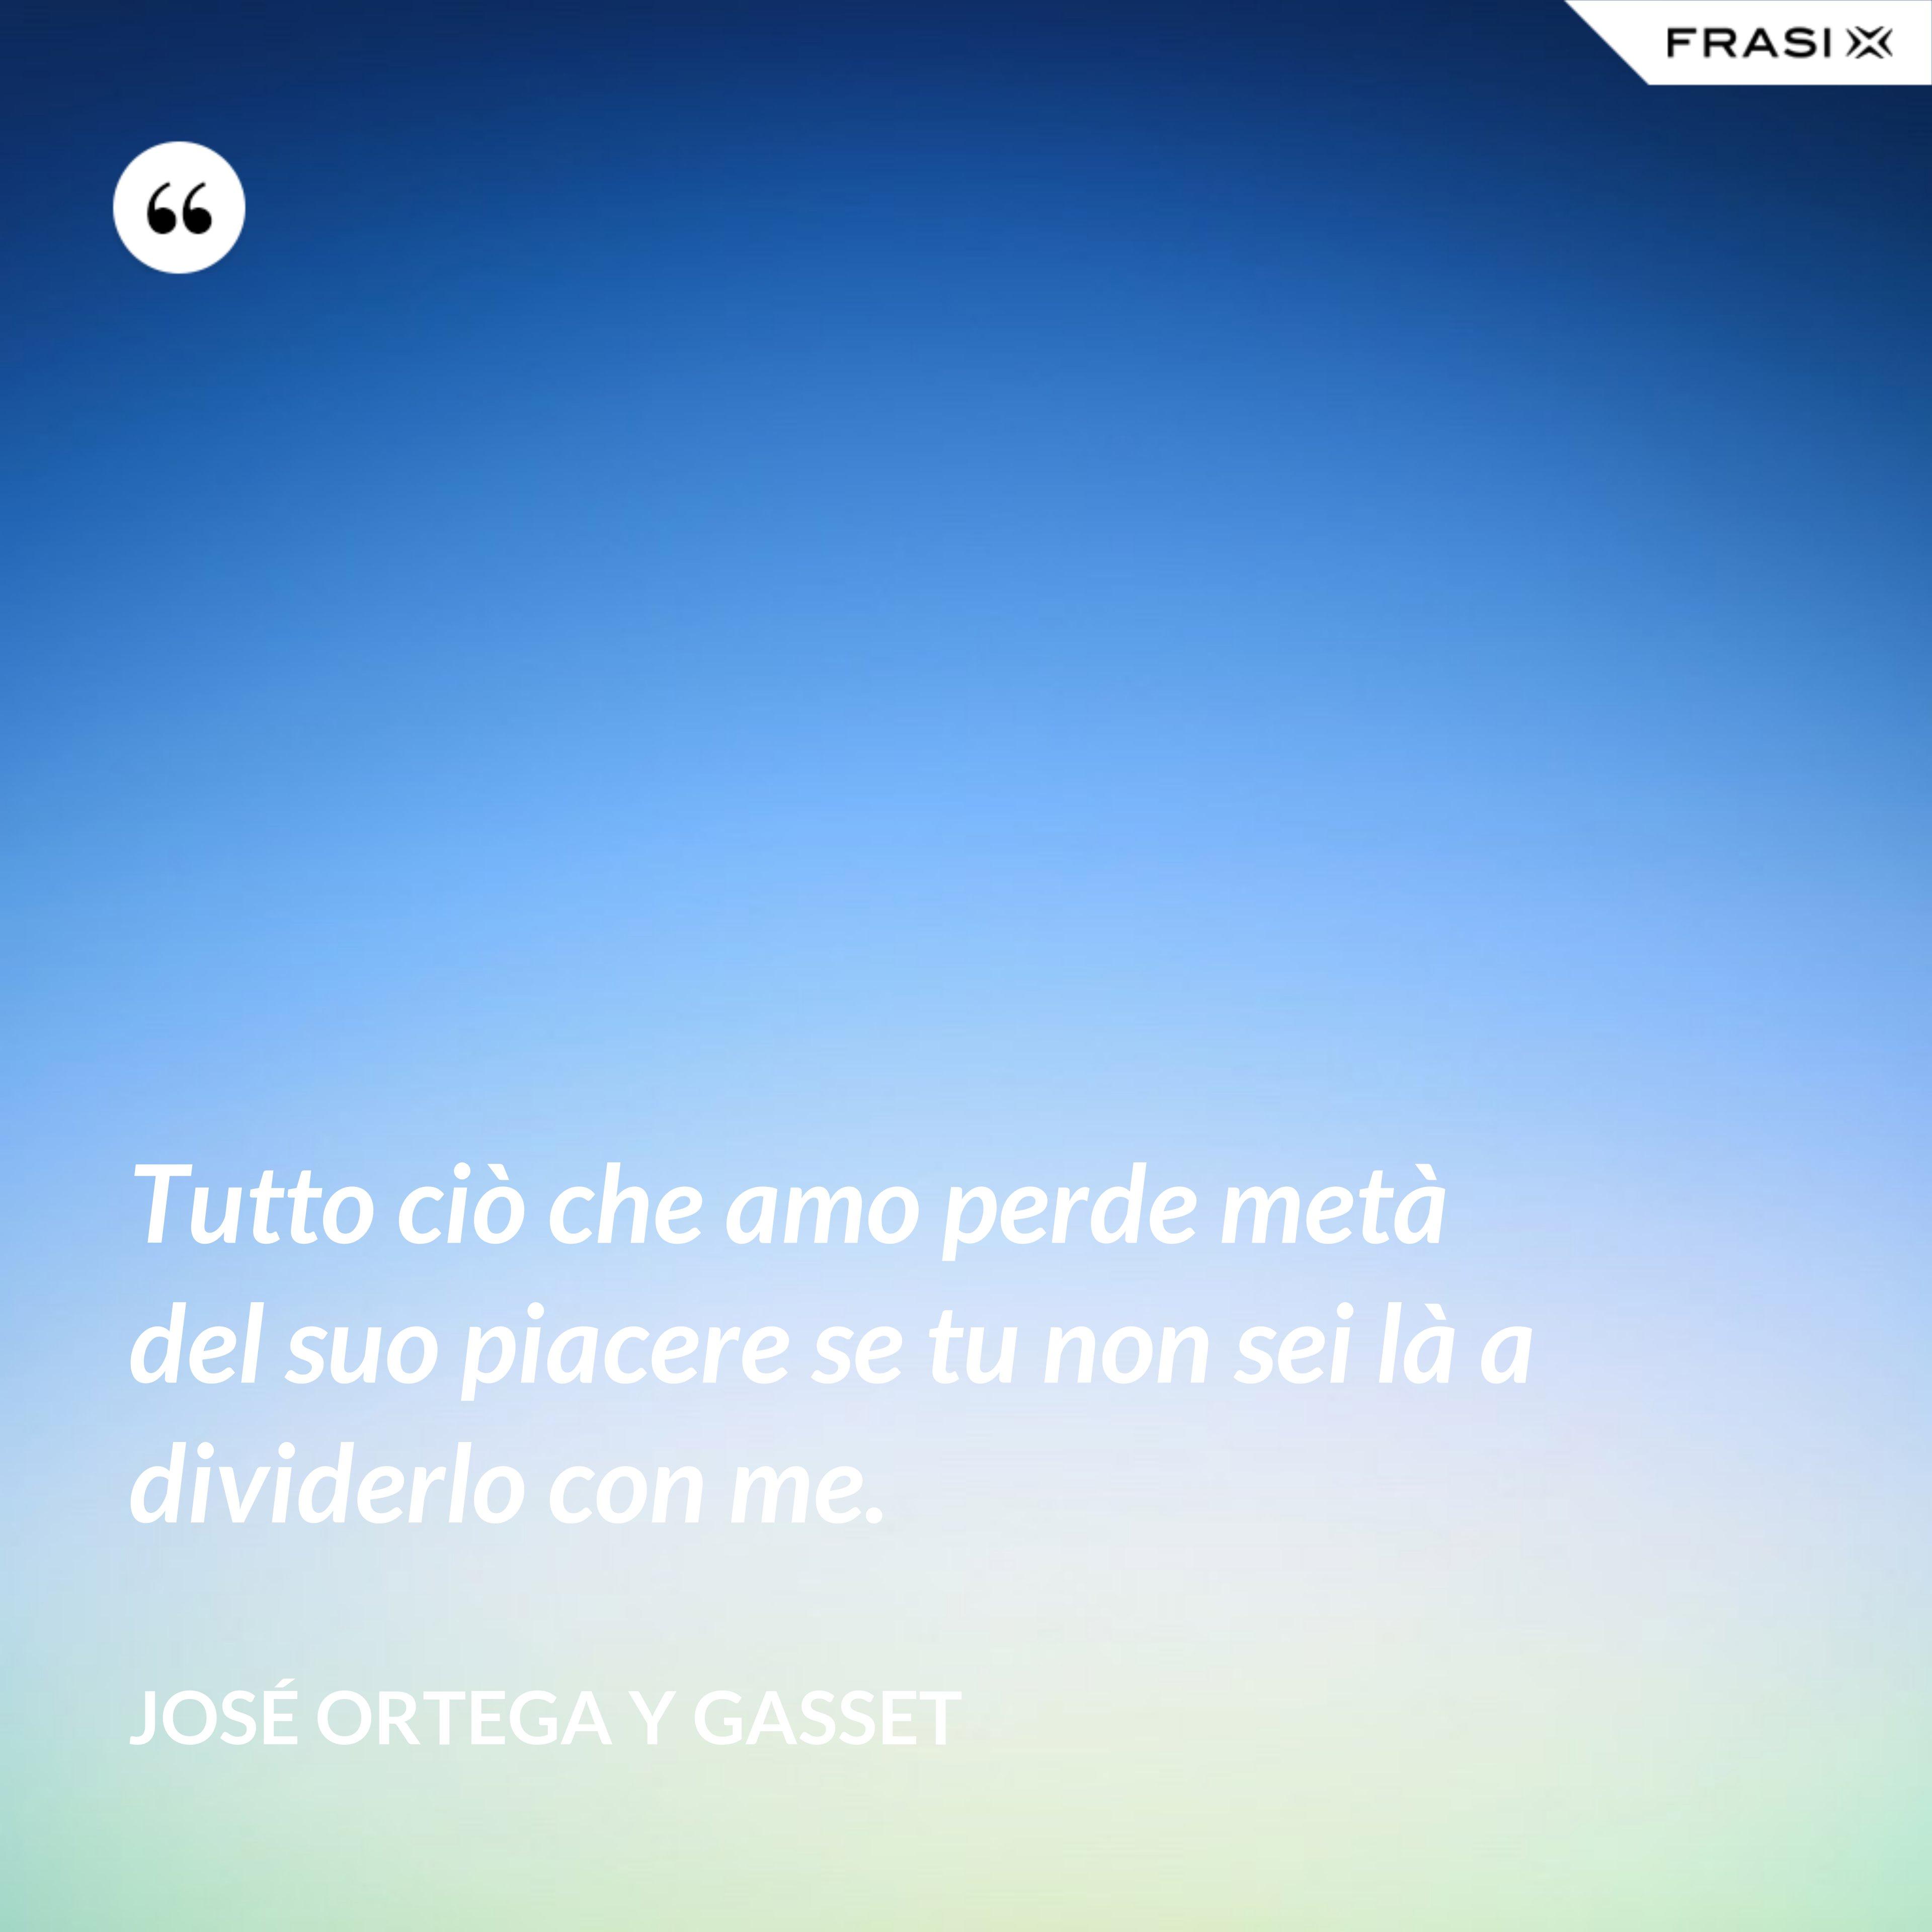 Tutto ciò che amo perde metà del suo piacere se tu non sei là a dividerlo con me. - José Ortega y Gasset